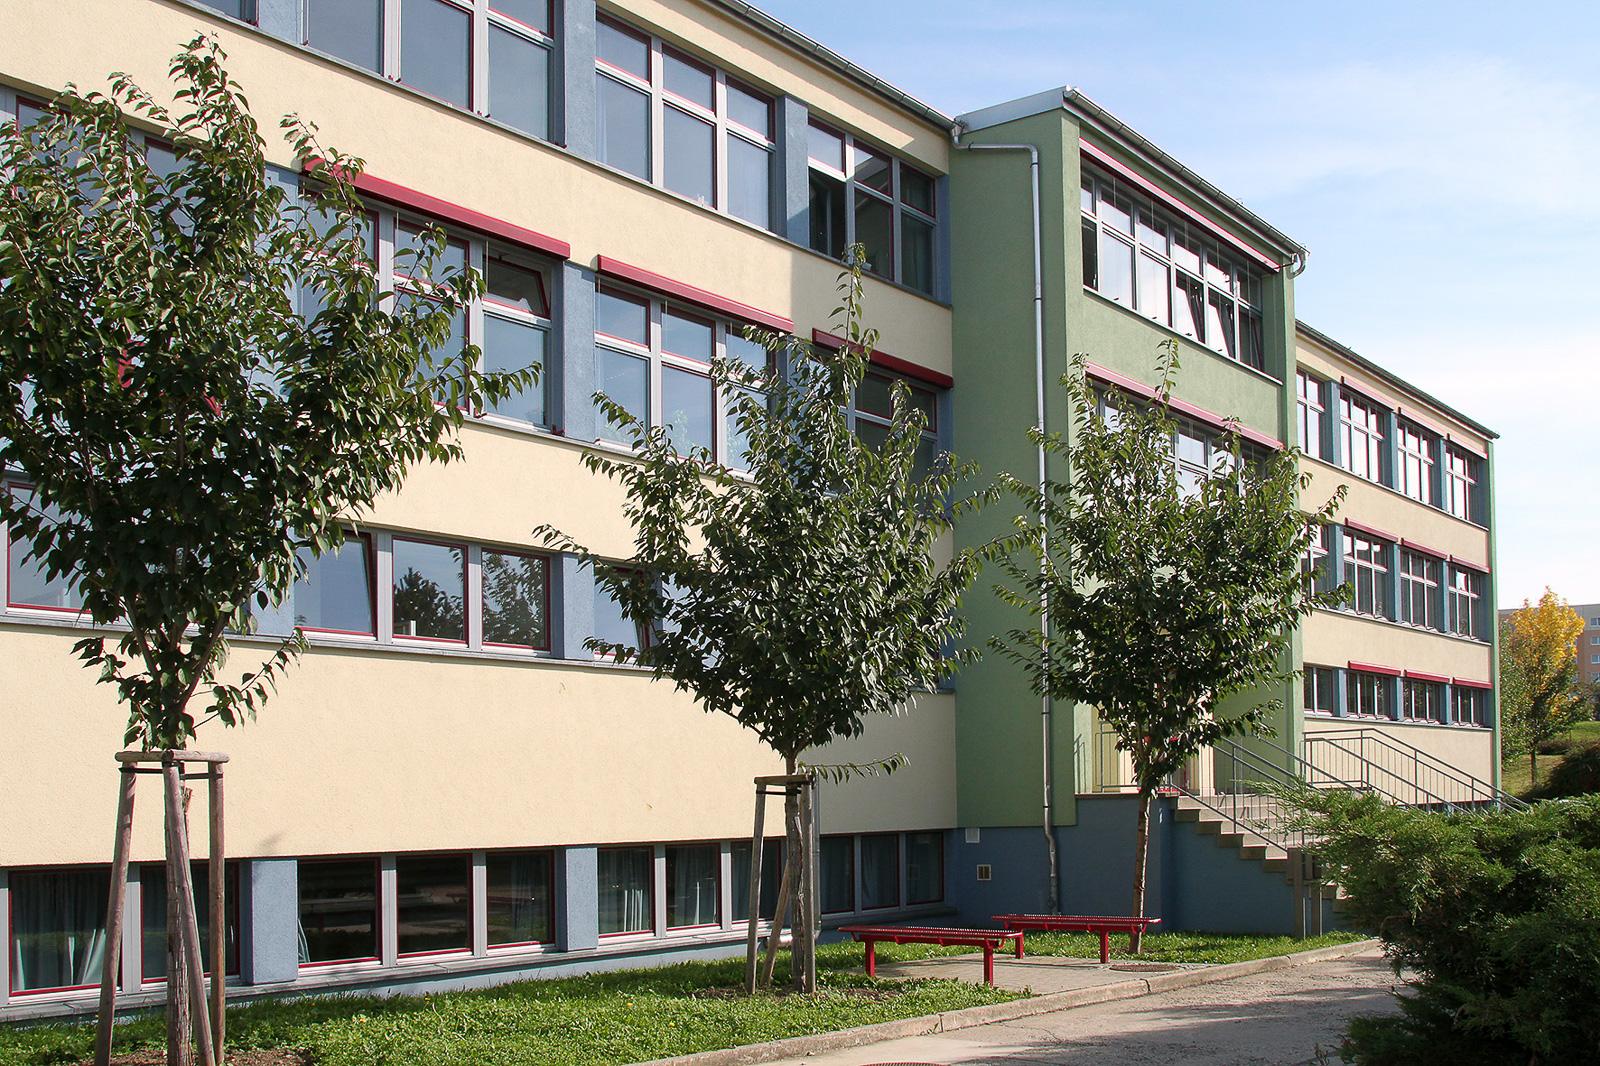 Gesundbrunnen Oberschule- Schrägansicht auf hell orangenes Gebäude